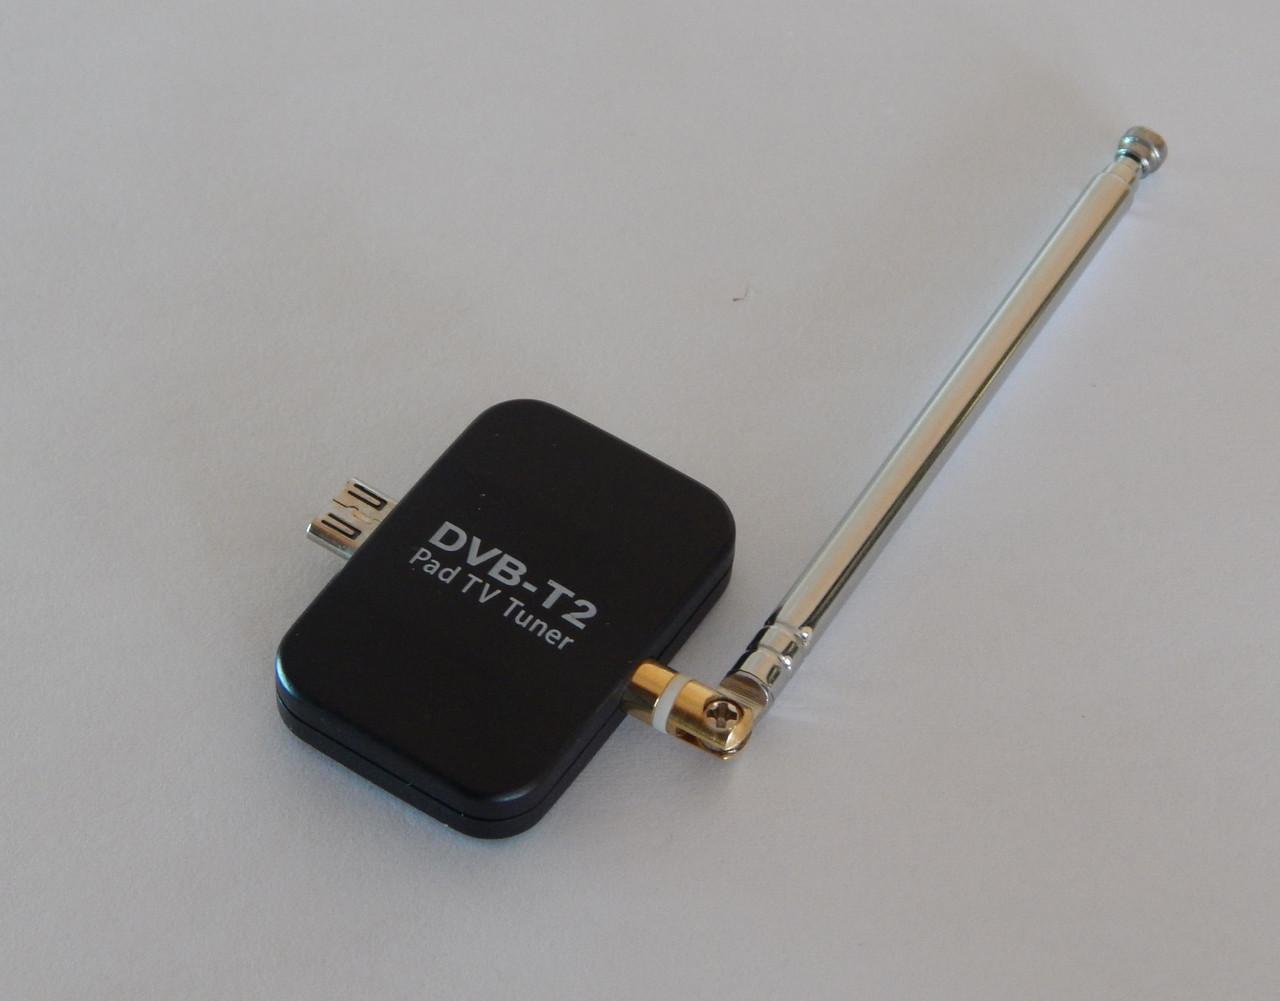 Тюнер телевизійний Pad-TV DVB-T2 для Android смартфона, планшета.